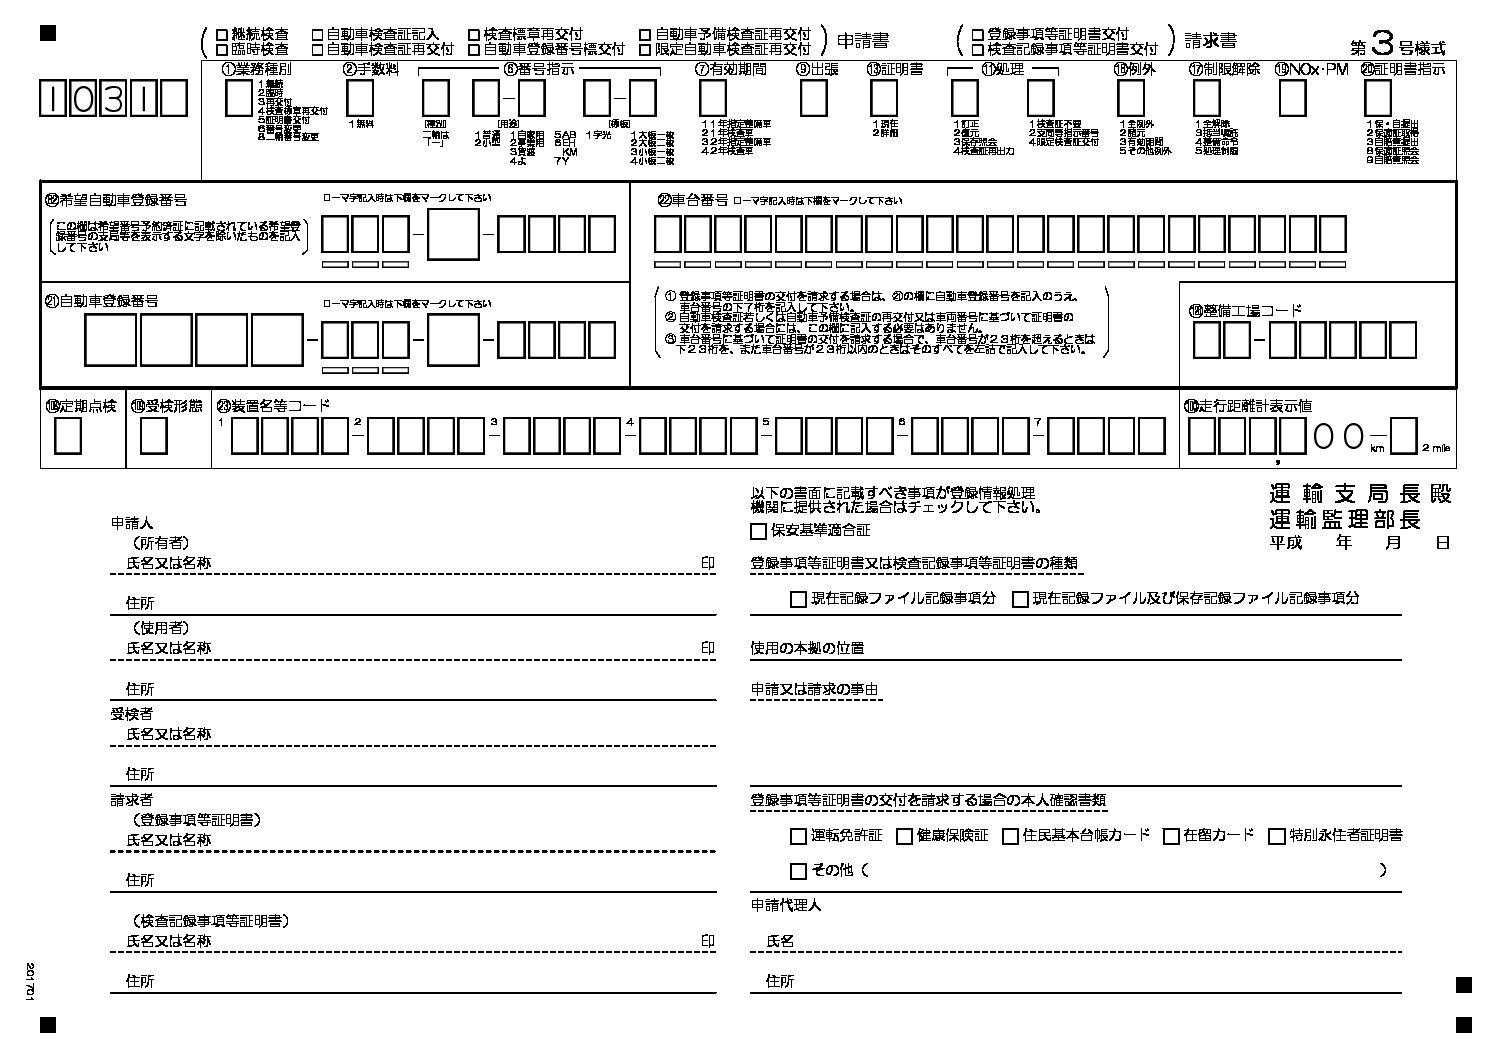 申請書第3号様式イメージ